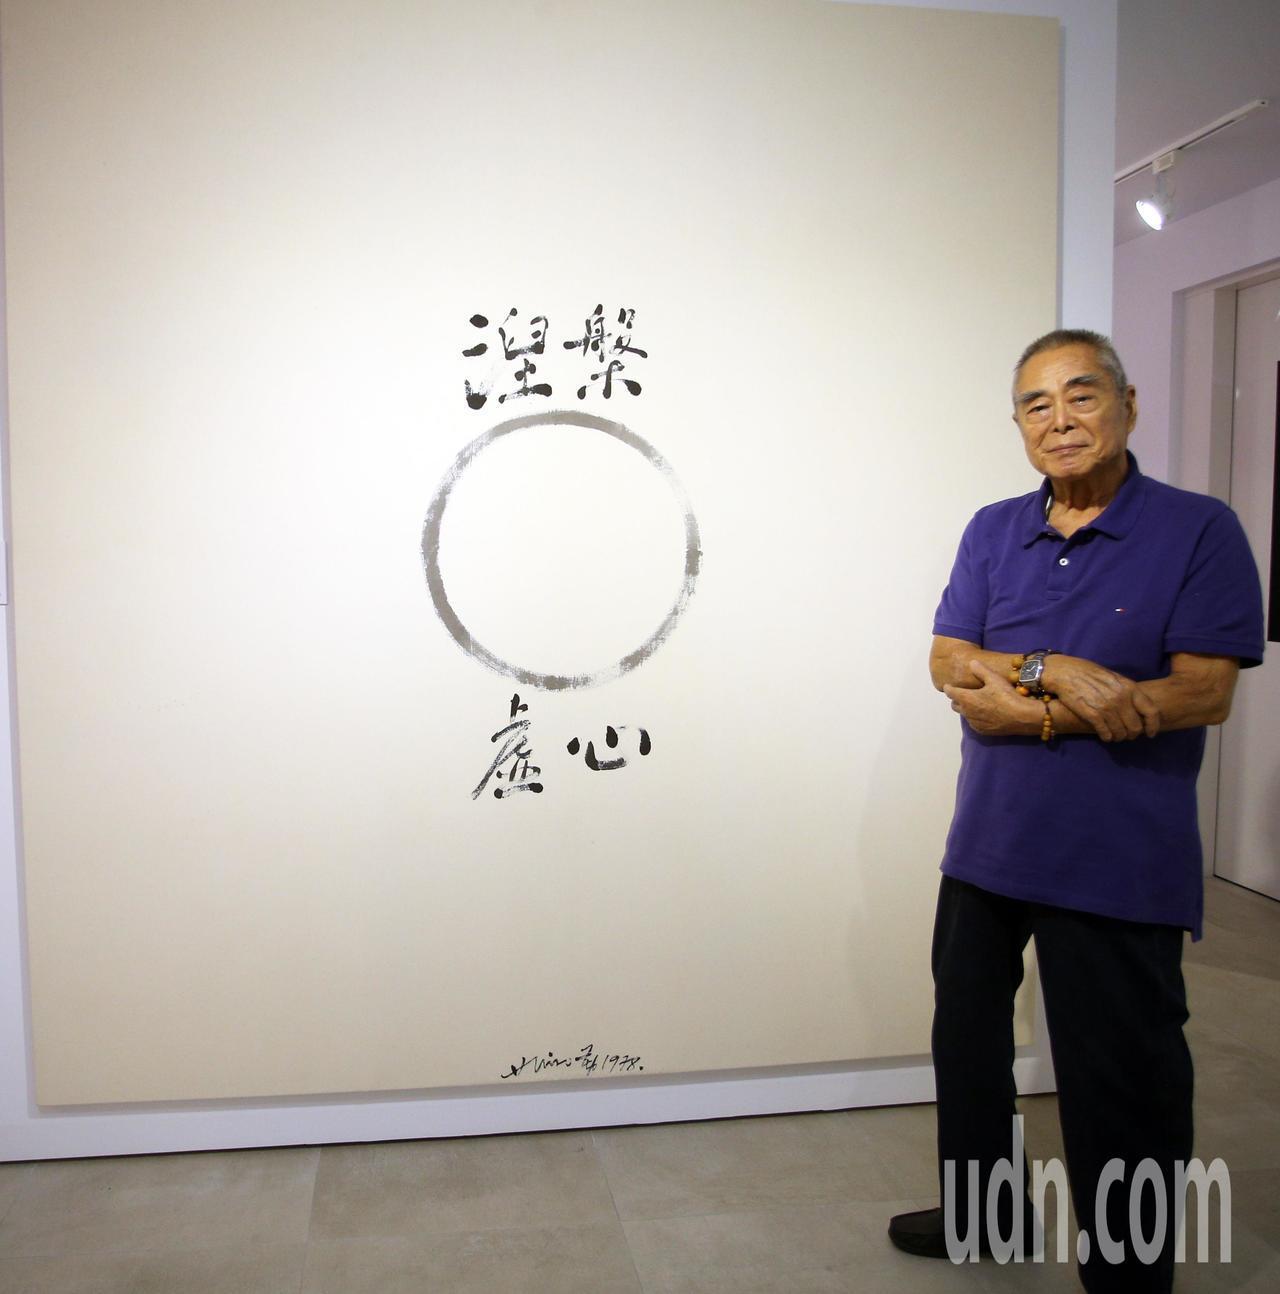 華人現代抽象藝術大師蕭勤選擇定居高雄,並成立「蕭勤藝術中心」讓民眾參觀。記者劉學...